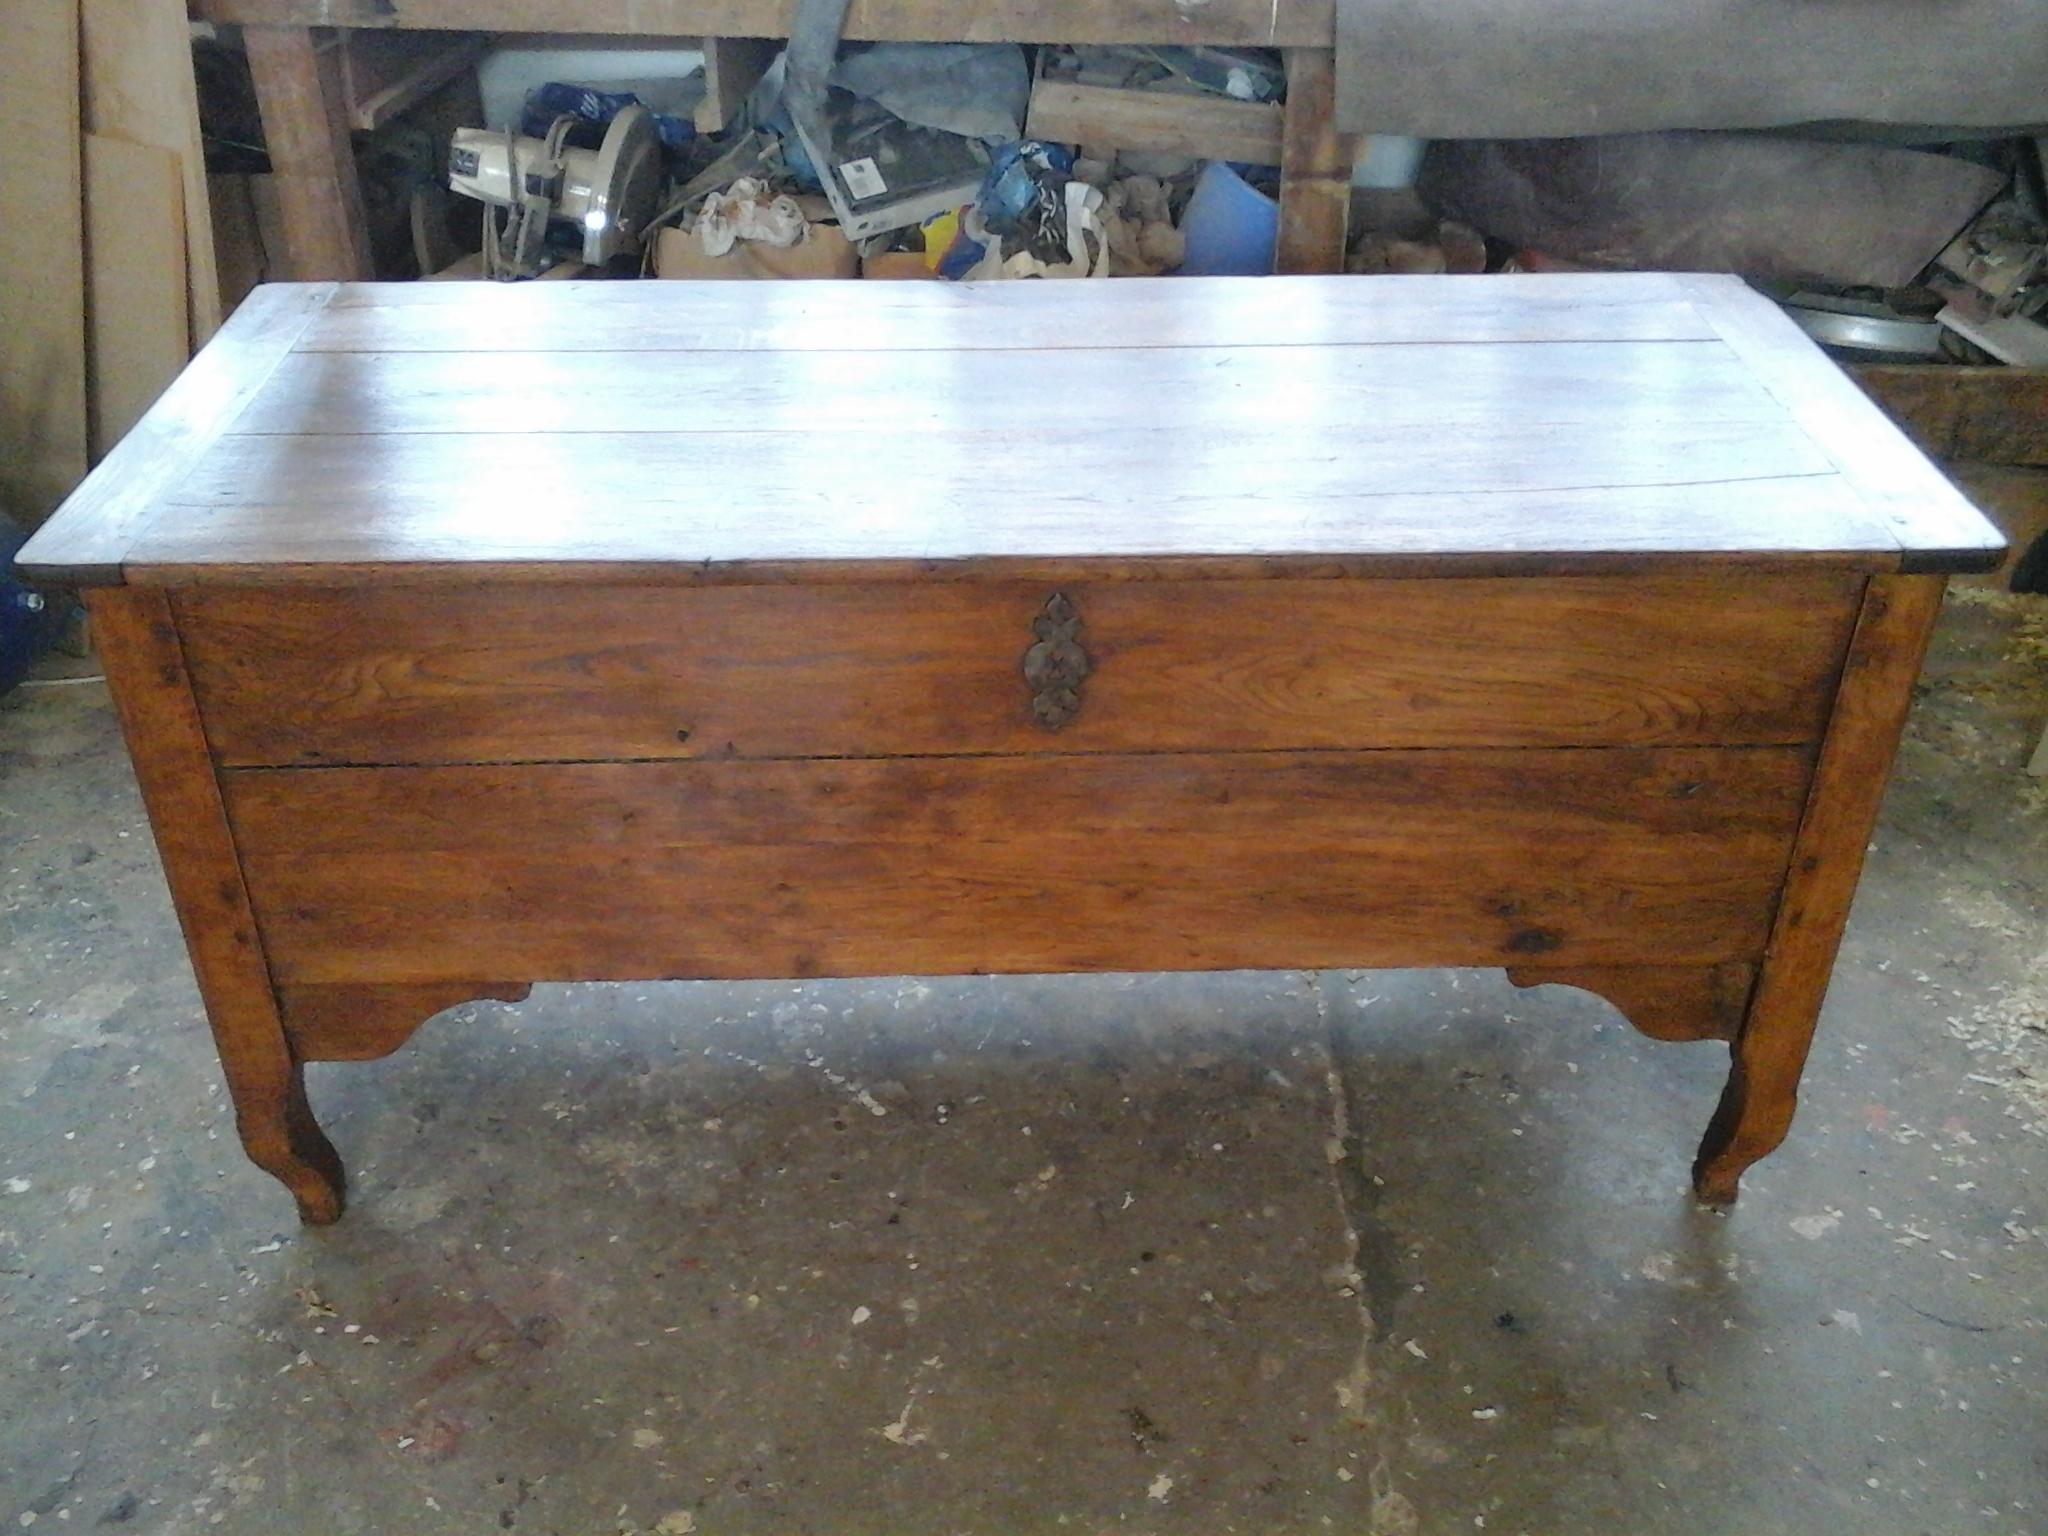 Restauration de meubles anciens martin pesme for Restauration de meubles